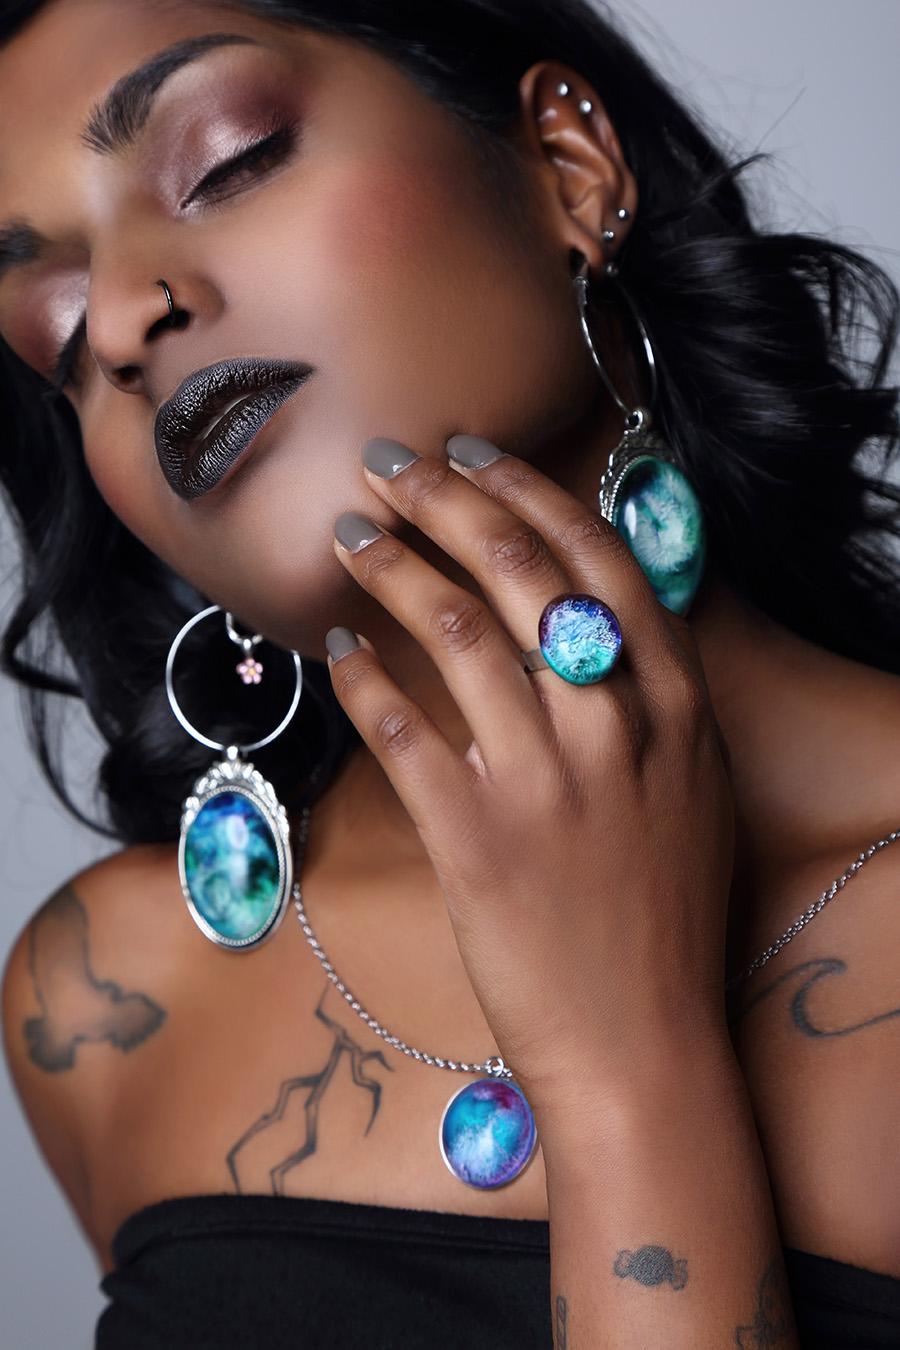 il-dagoart-gioielli-fotografo-catalogo-pubblicità-moda-genova-3ff